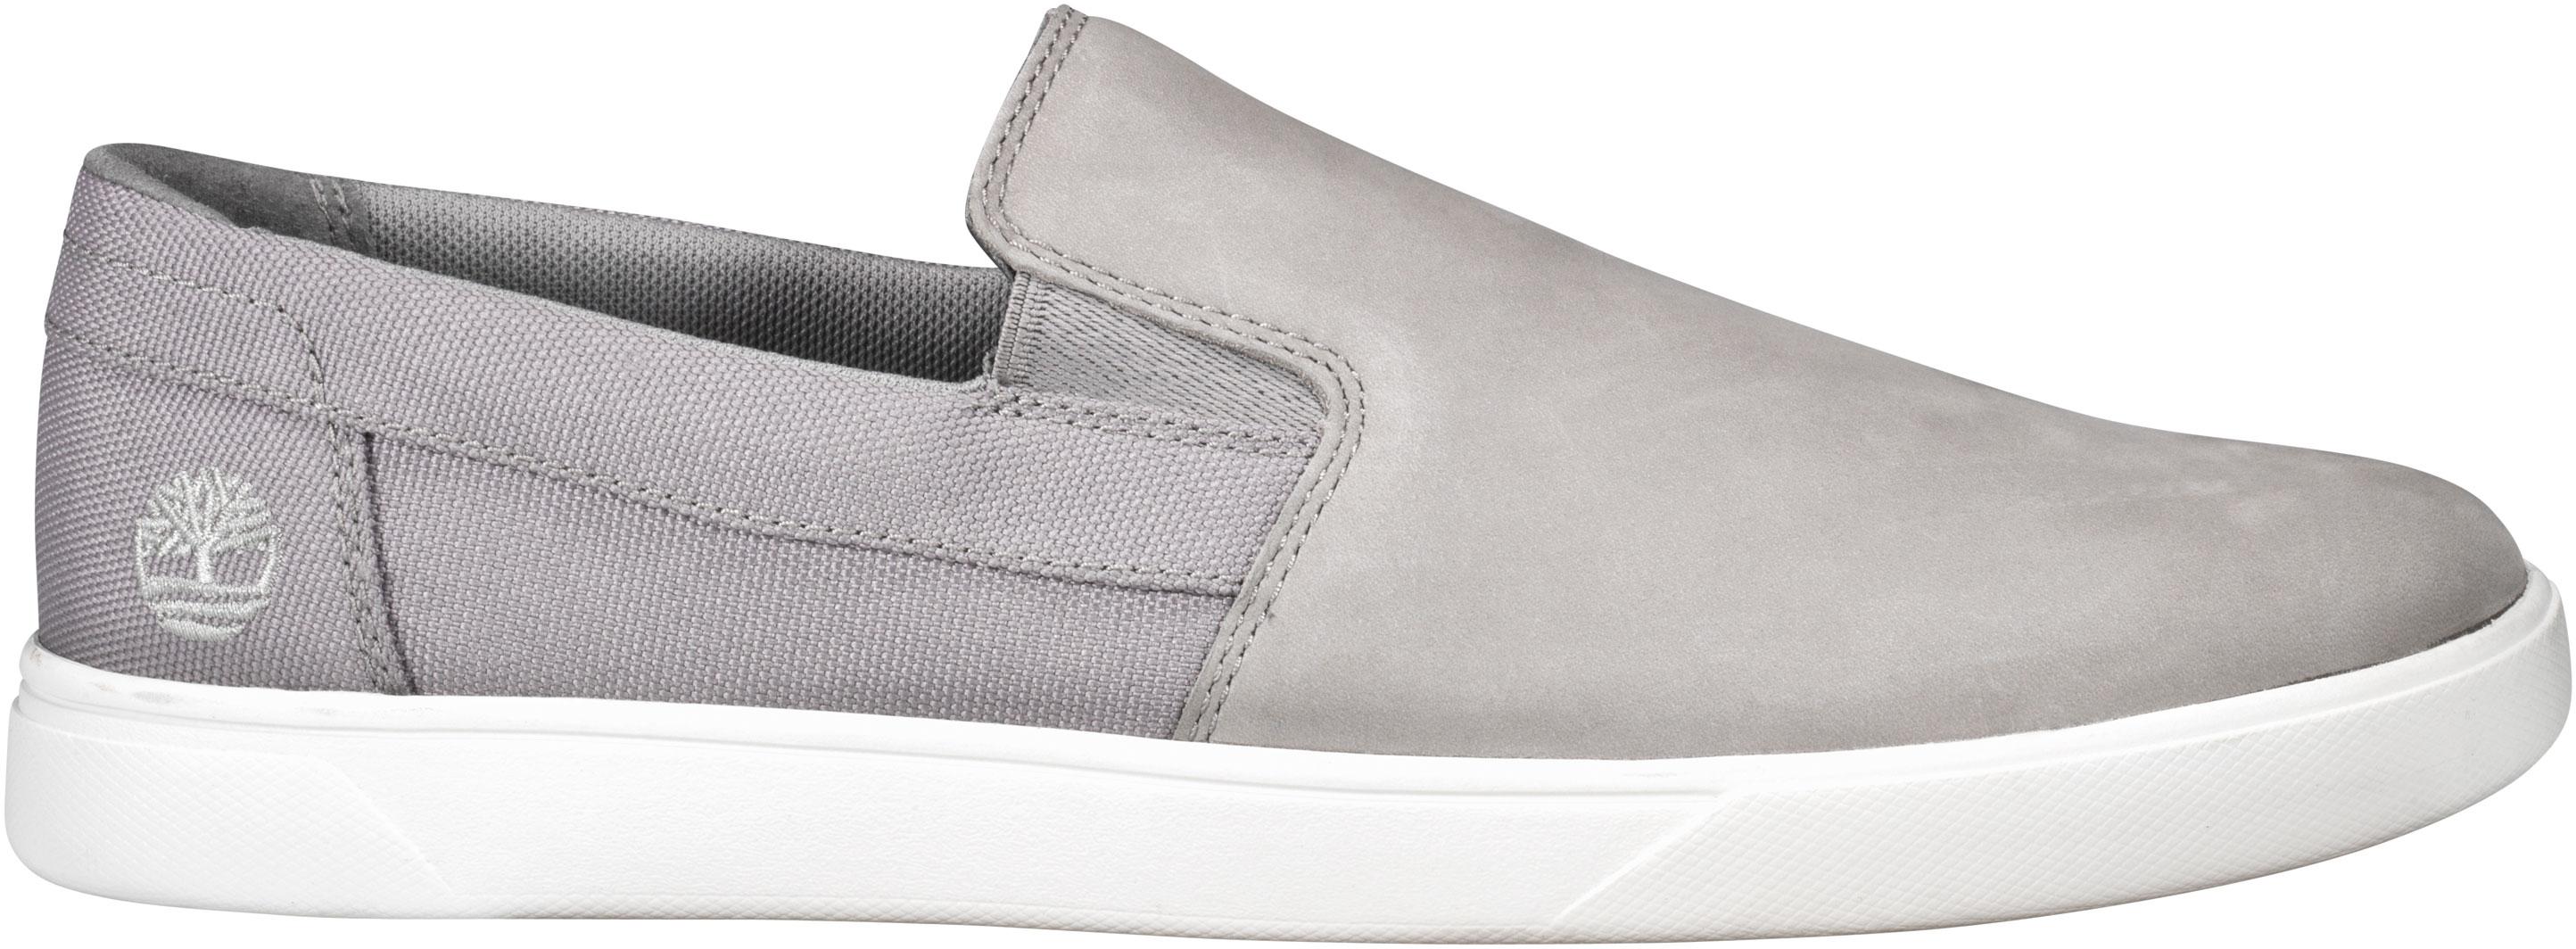 e05e425d8228e Timberland Men's Groveton Slip On TB0A25PDF49 Grey Nubuck - The Shoe ...